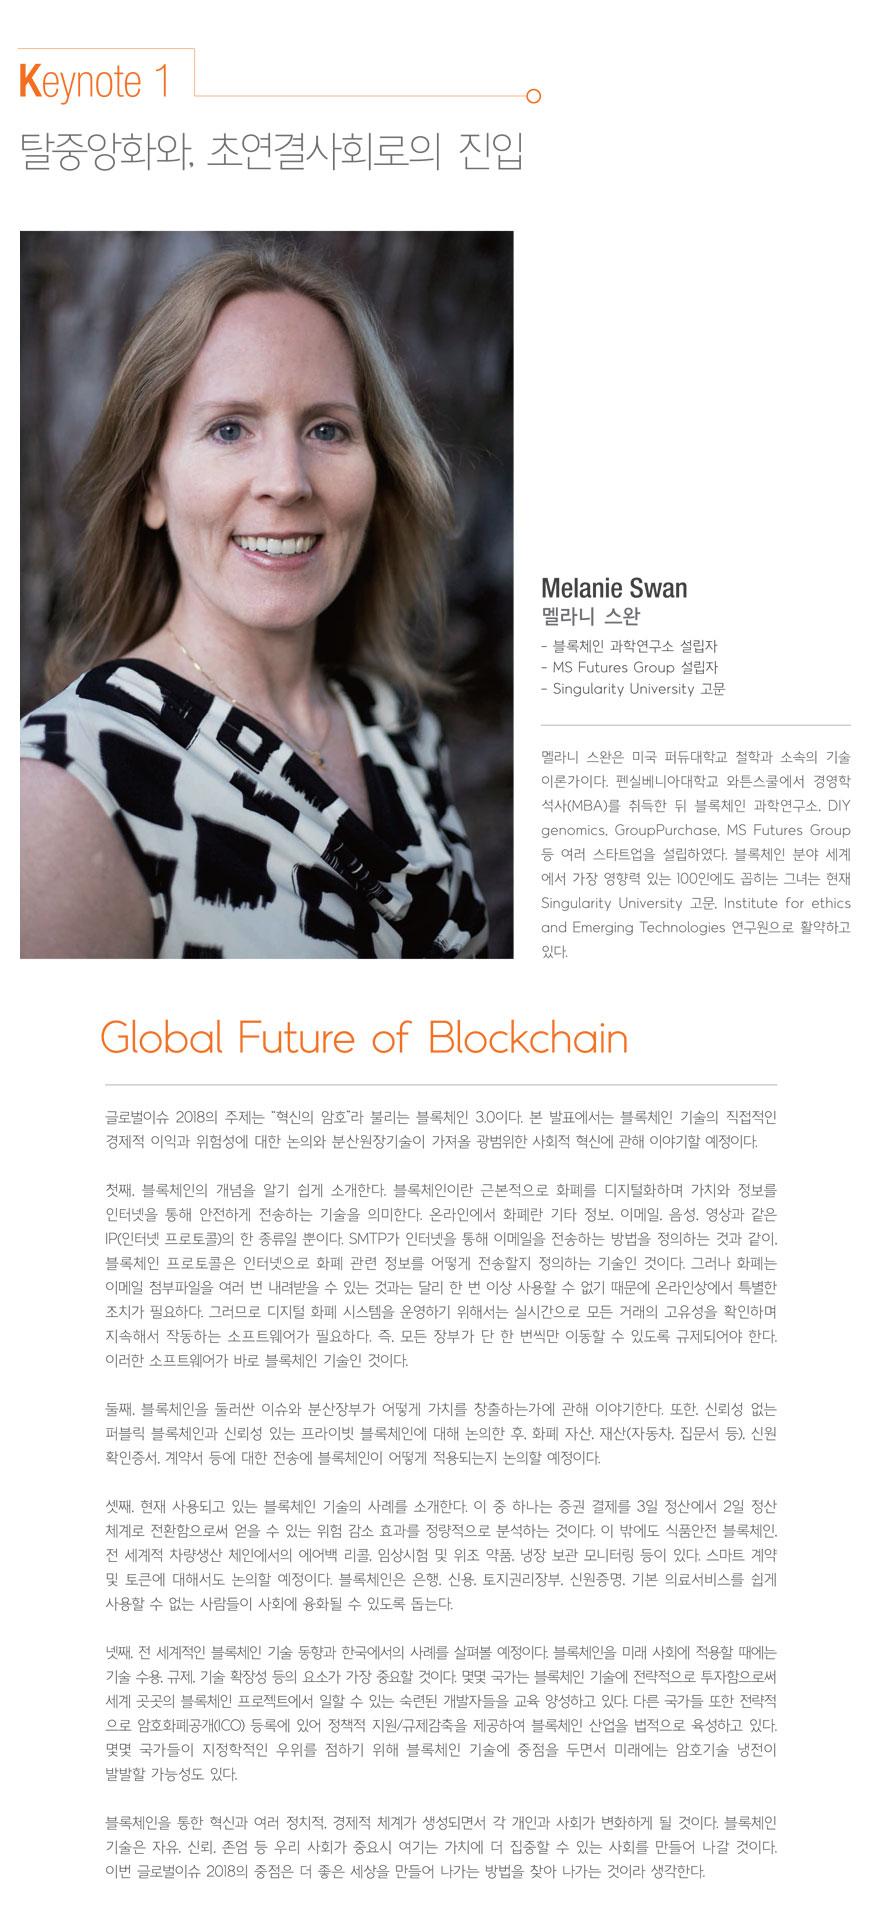 Keynote1:탈중앙화와 초연결사회로의 진입, 멜라니 스완